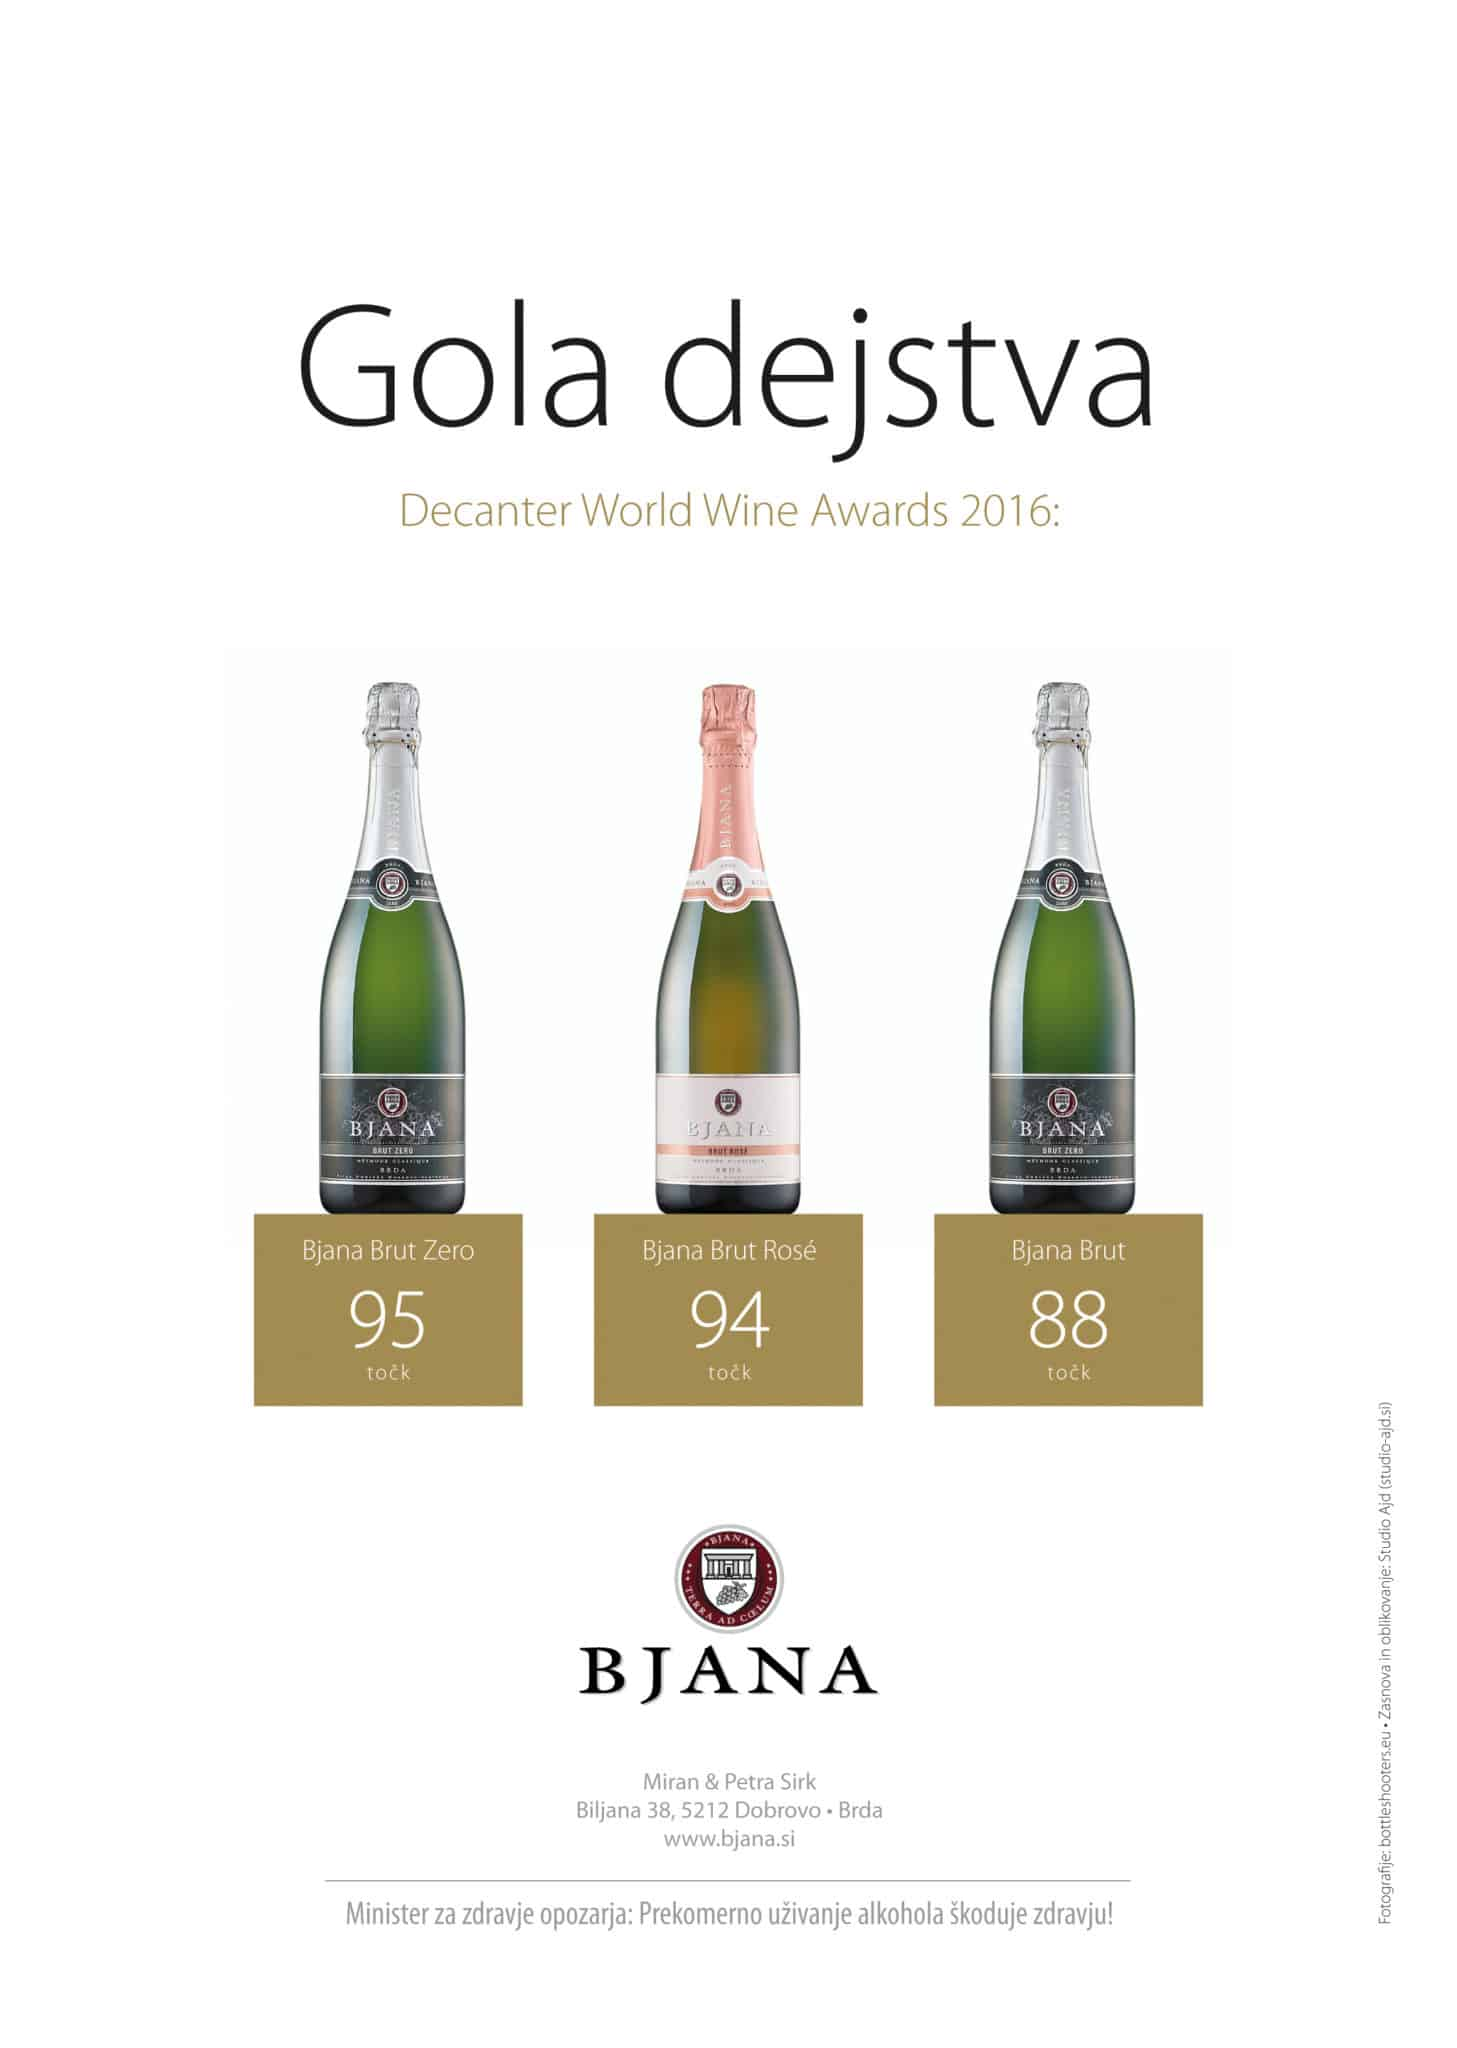 Bjana - oglas Gola dejstva